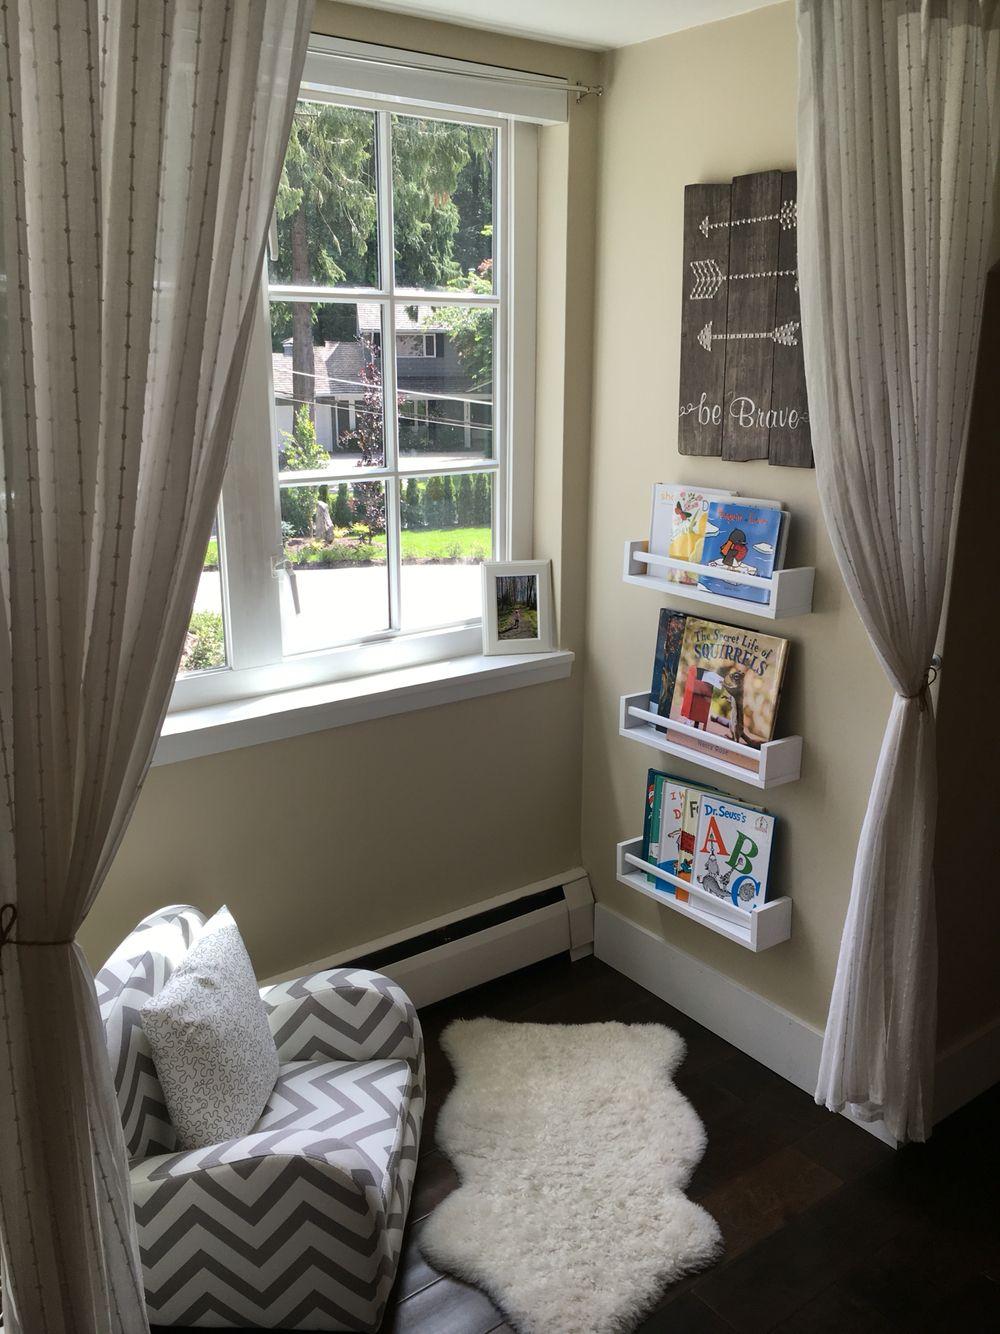 Reading corner - bookshelves from ikea spice racks